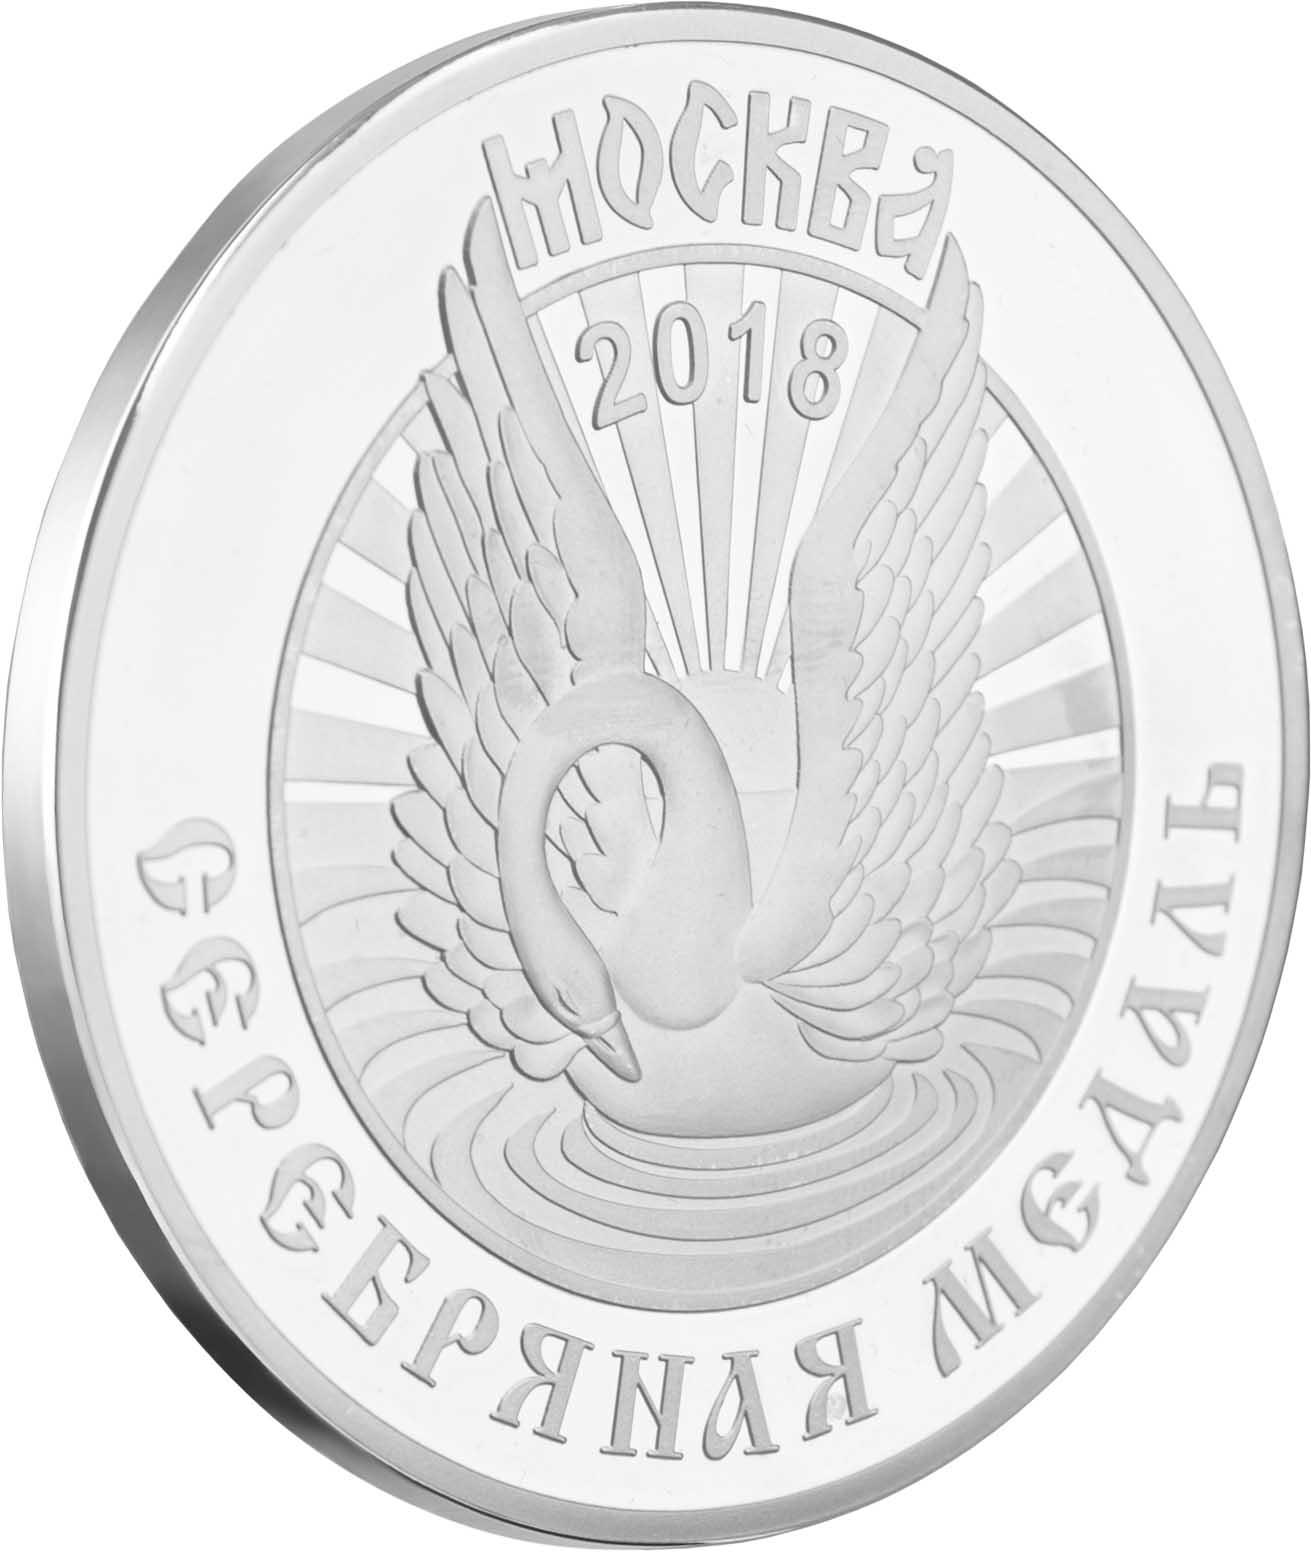 Дегустационный конкурс ПРОД ЭКСПО 2018 - Серебряная медаль задняя сторона